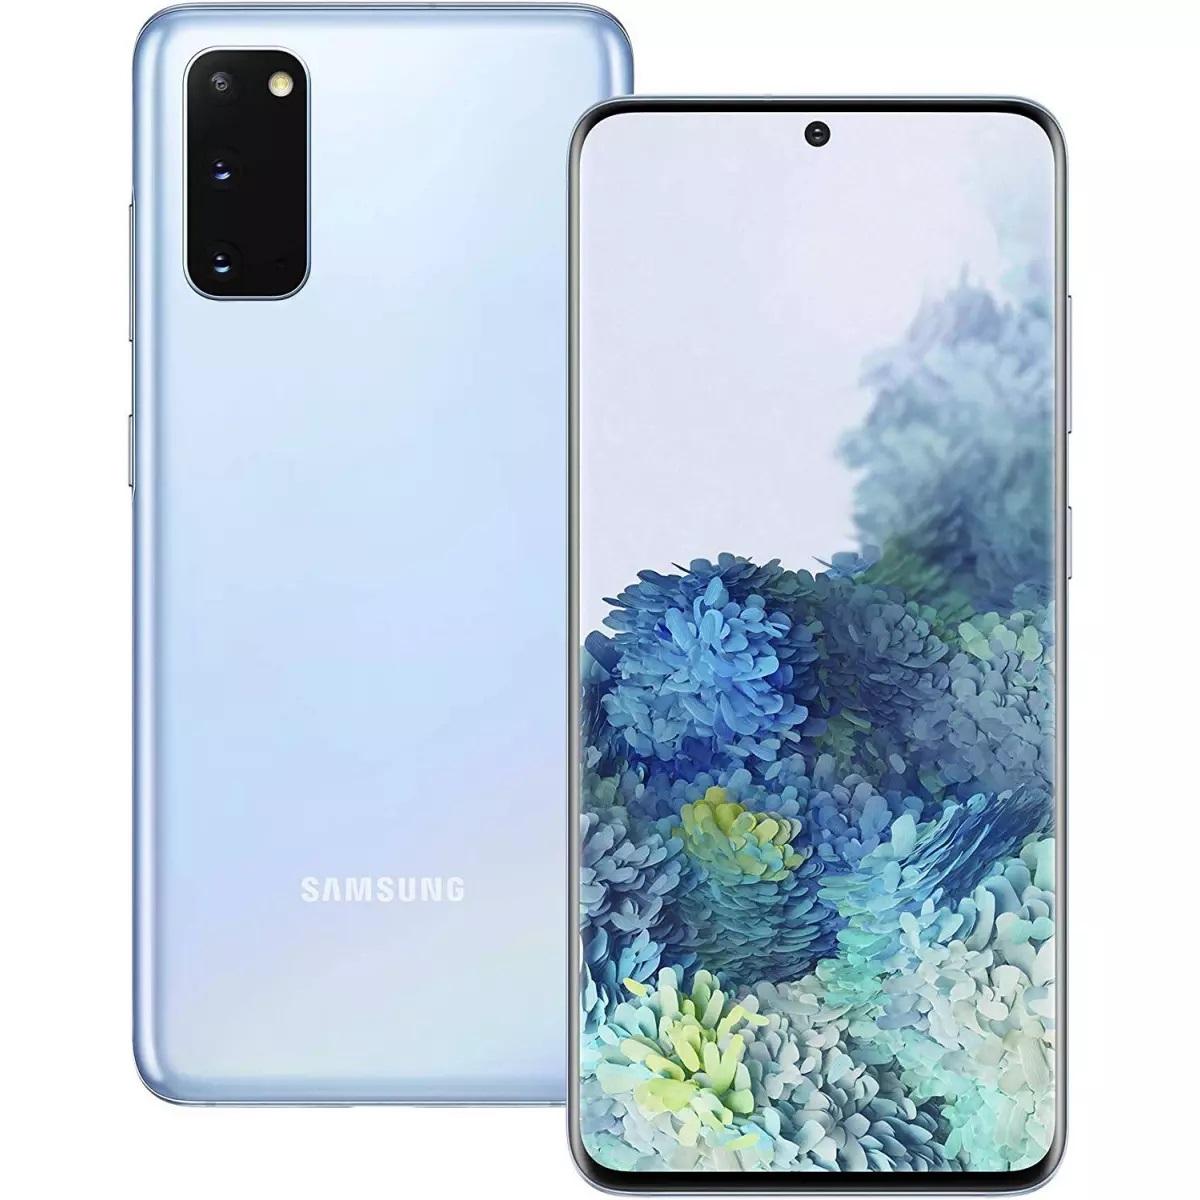 مواصفات وأسعار أبرز هواتف Samsung الجديدة على السوق المصري